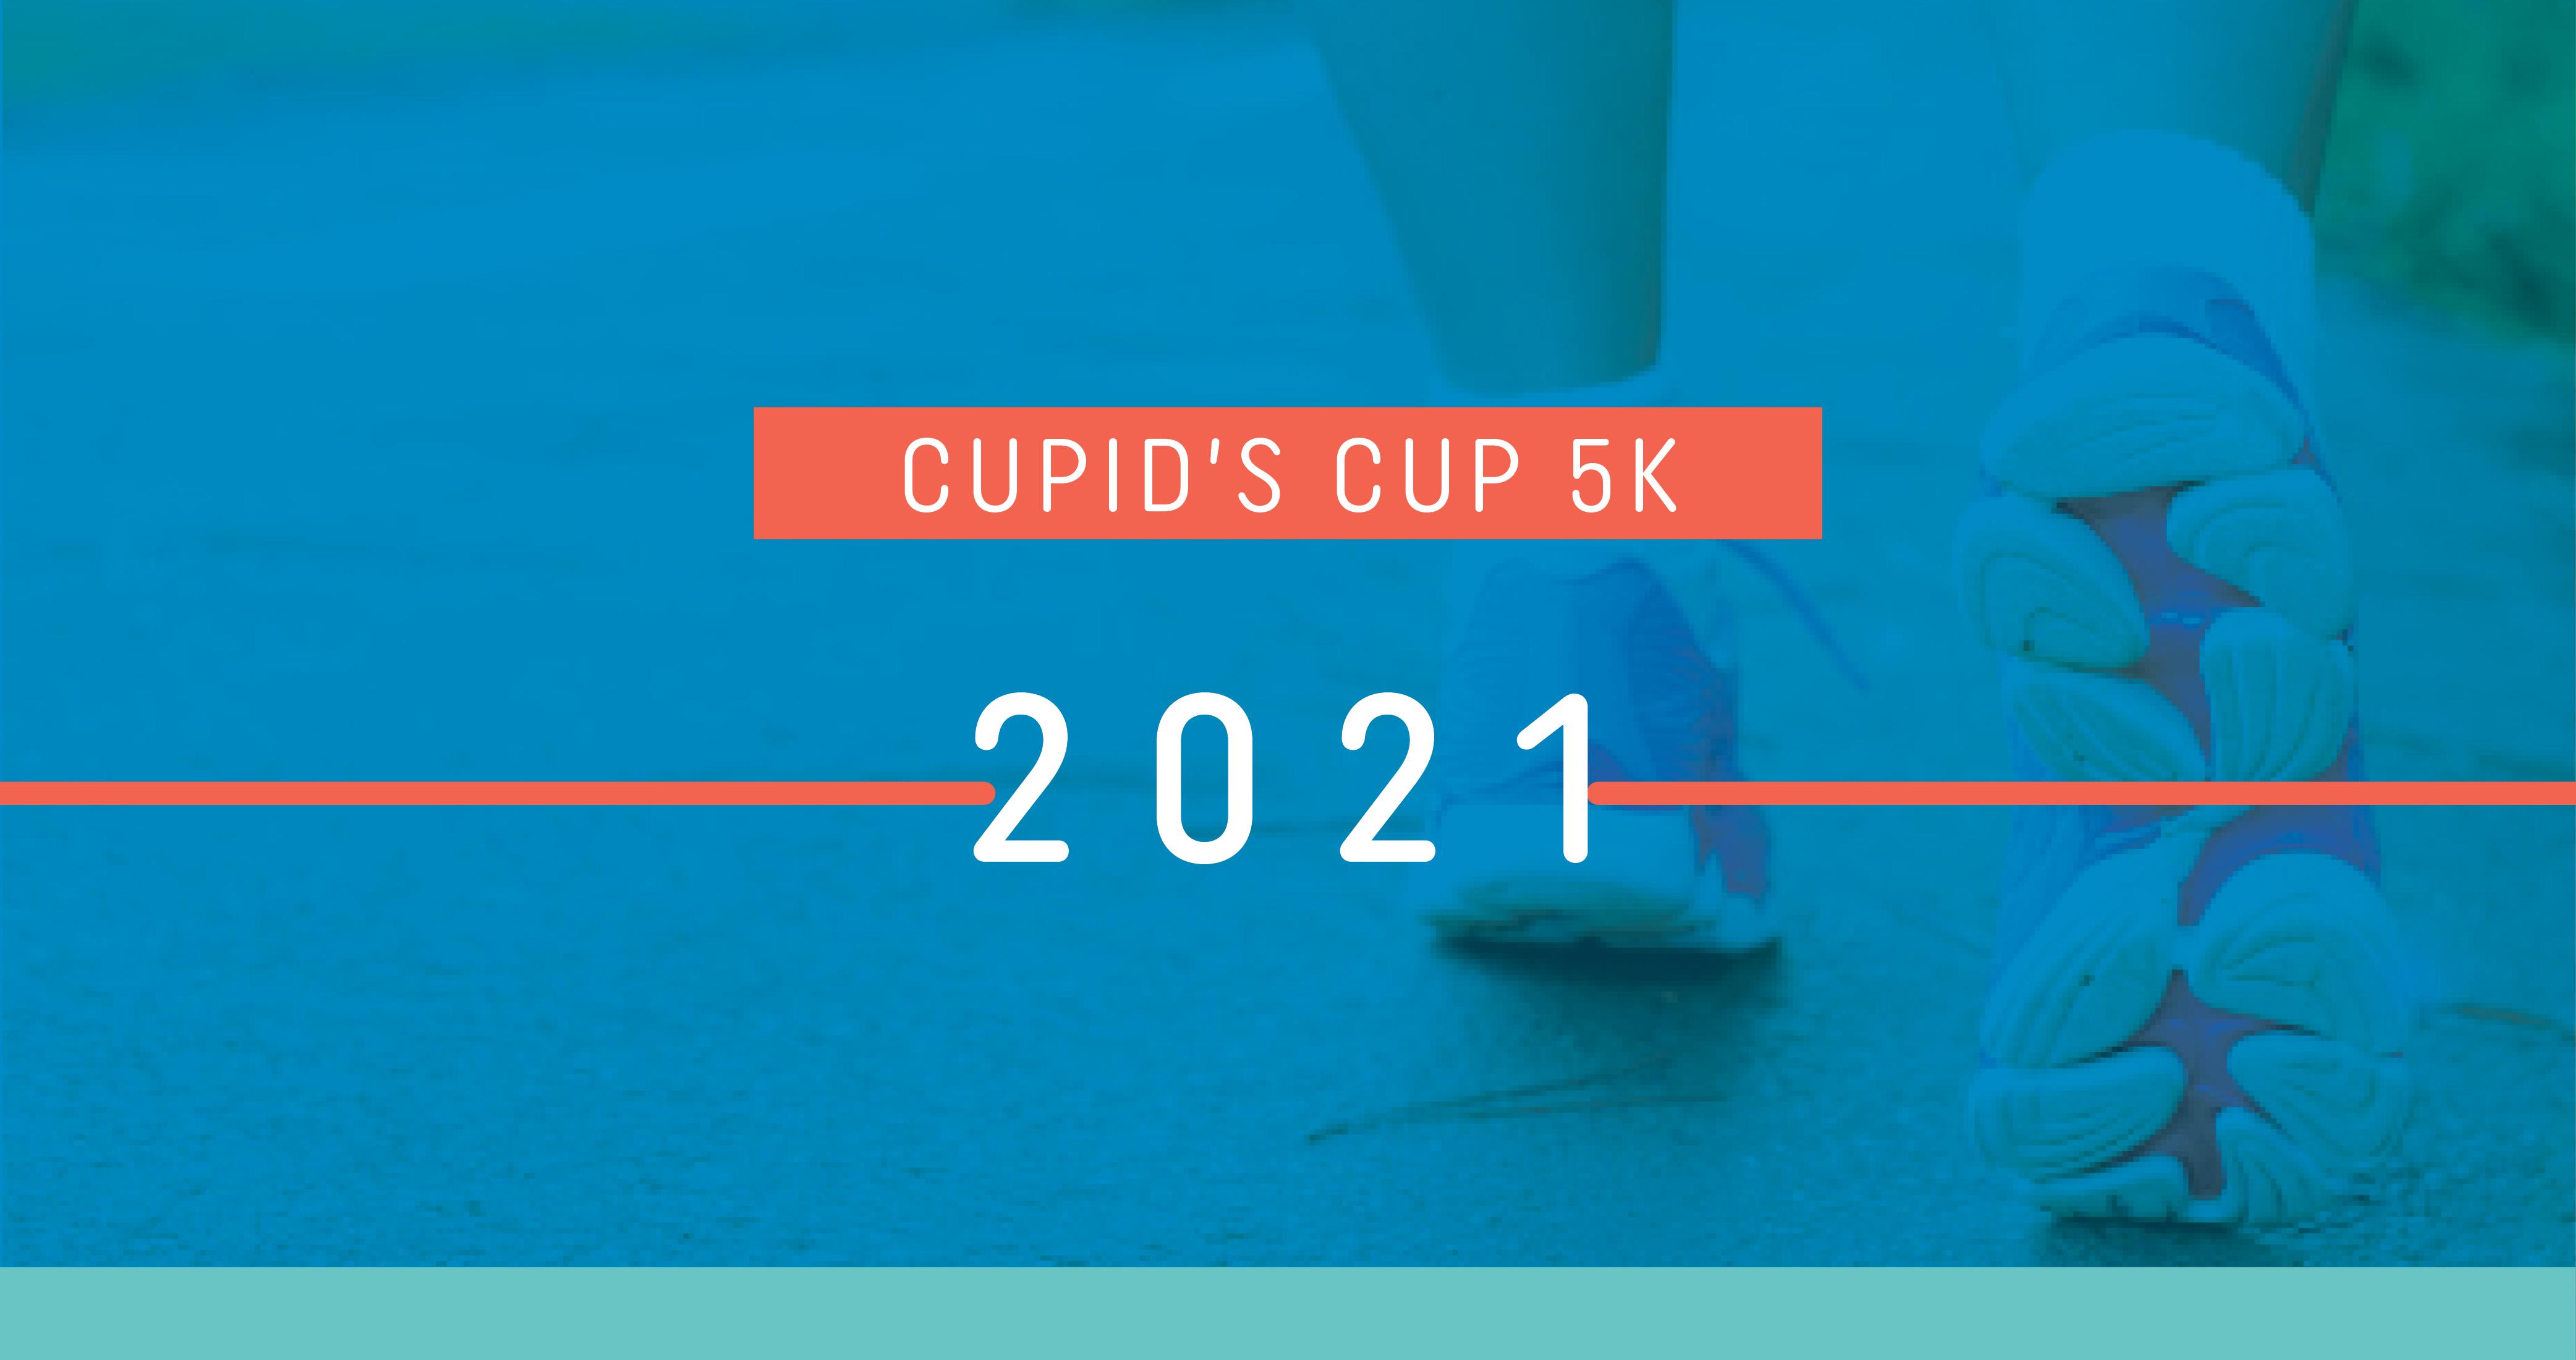 Cupid's Cup 5K 2021